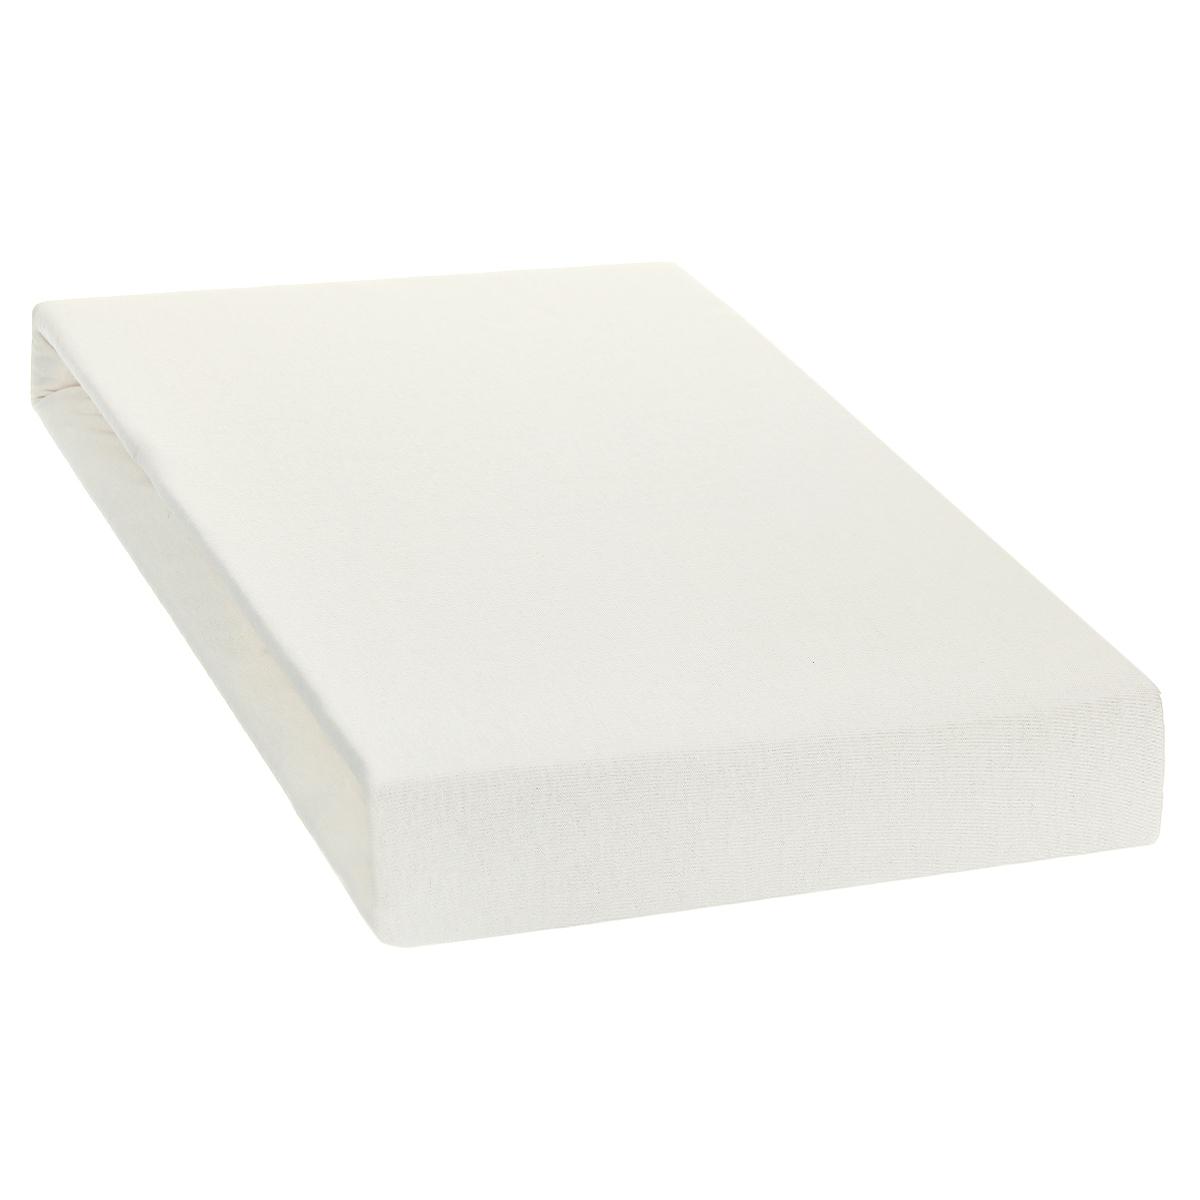 Простыня на резинке Tete-a-Tete, цвет: ваниль, 90 х 200 смТ-ПР-3080Однотонная простыня на резинке Tete-a-Tete выполнена из натурального хлопка. Высочайшее качество материала гарантирует безопасность не только взрослых, но и самых маленьких членов семьи. Простыня гармонично впишется в интерьер вашего дома и создаст атмосферу уюта и комфорта. Особенности коллекции Tete-a-Tete: - выдерживает более 100 стирок практически без изменения внешнего вида, - модные цвета и стойкие оттенки, - минимальная усадка, - надежные резинки и износостойкая ткань, - безупречное качество, - гиппоаллергенно. Коллекция Tete-a-Tete специально создана для практичных людей, которые ценят качество и долговечность вещей, окружают своих близких теплотой и заботой.